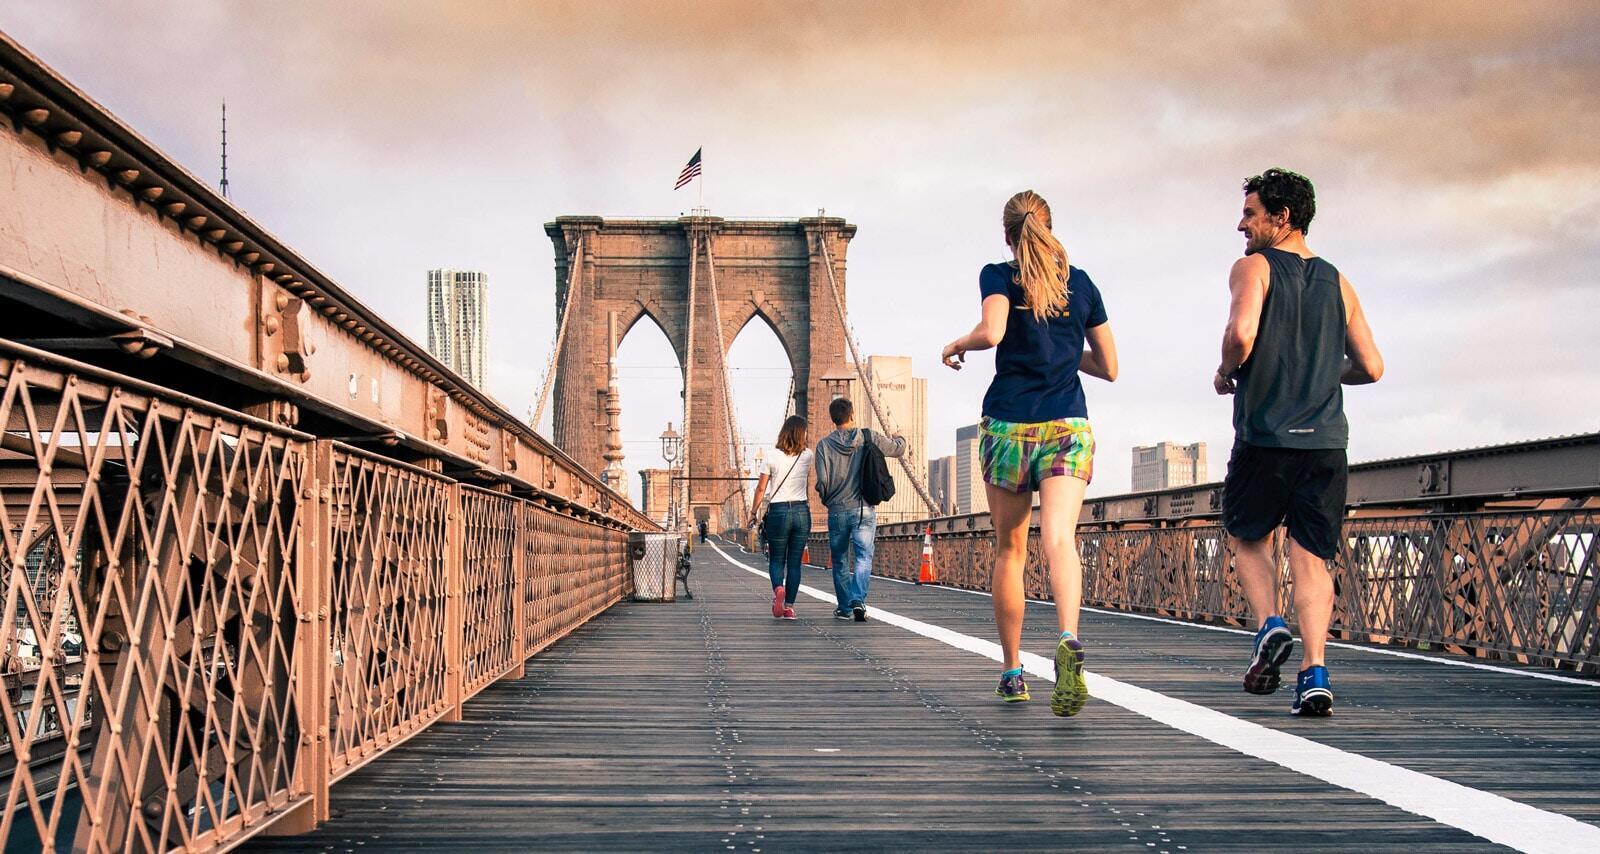 [Bạn đọc viết] Vì sao mình bắt đầu chạy bộ?